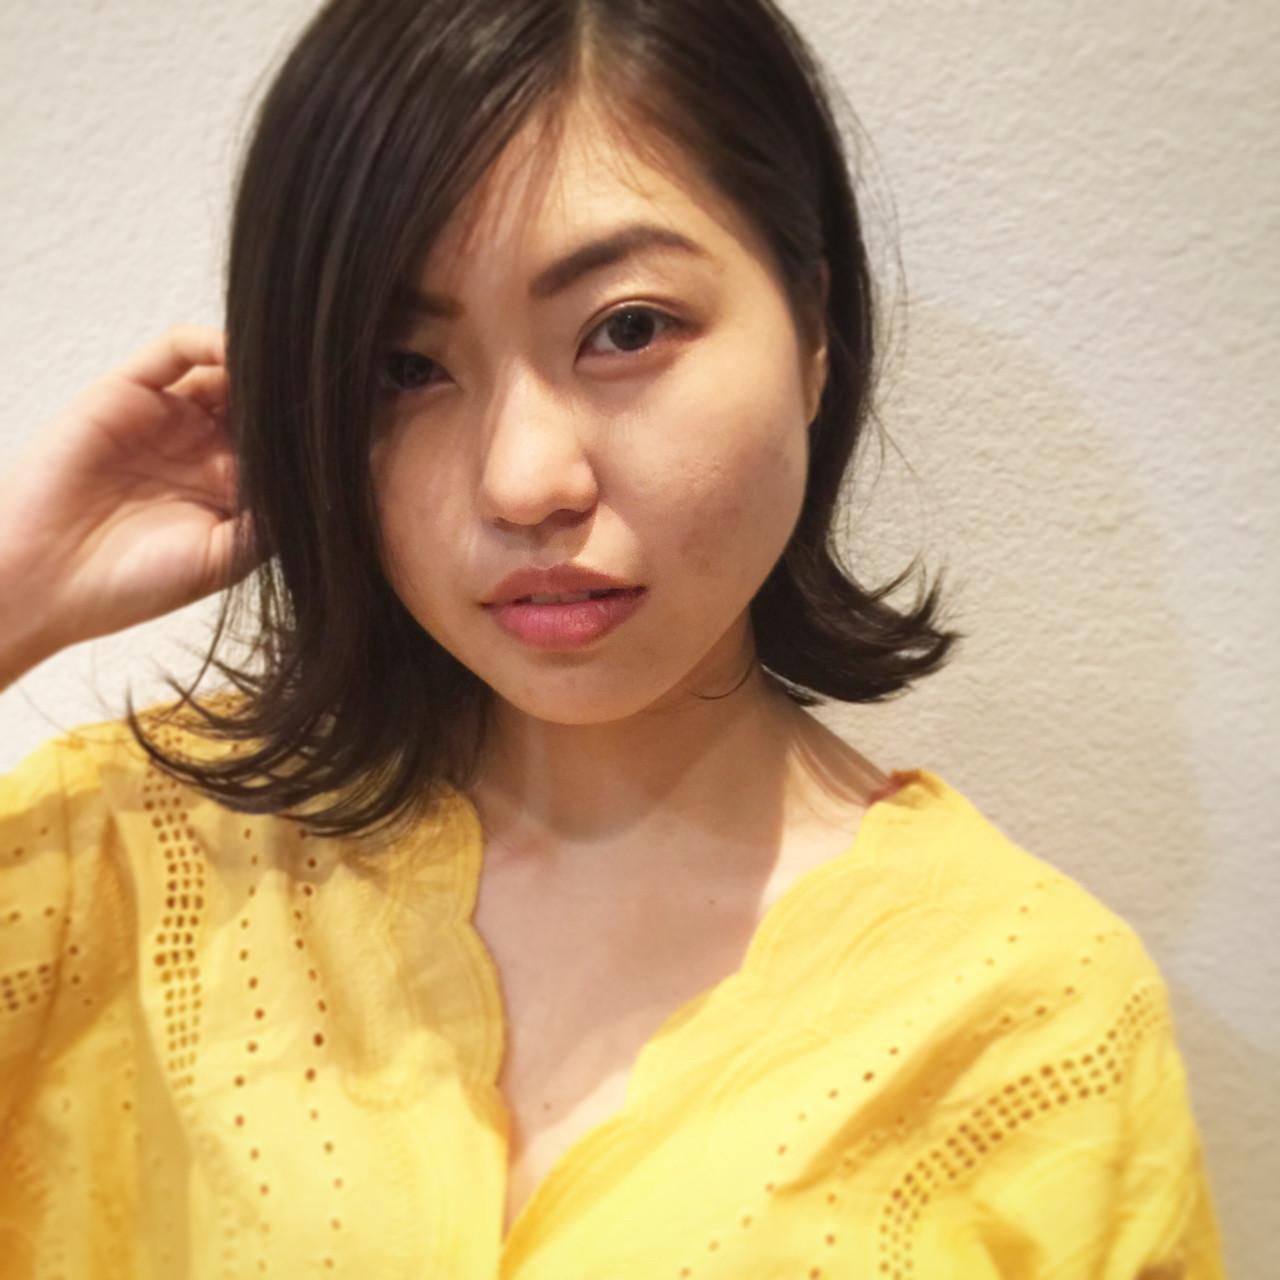 ヘアアレンジ ボブ 梅雨 ナチュラル ヘアスタイルや髪型の写真・画像 | 市川 和宏 / TSUKURU  (つくる)